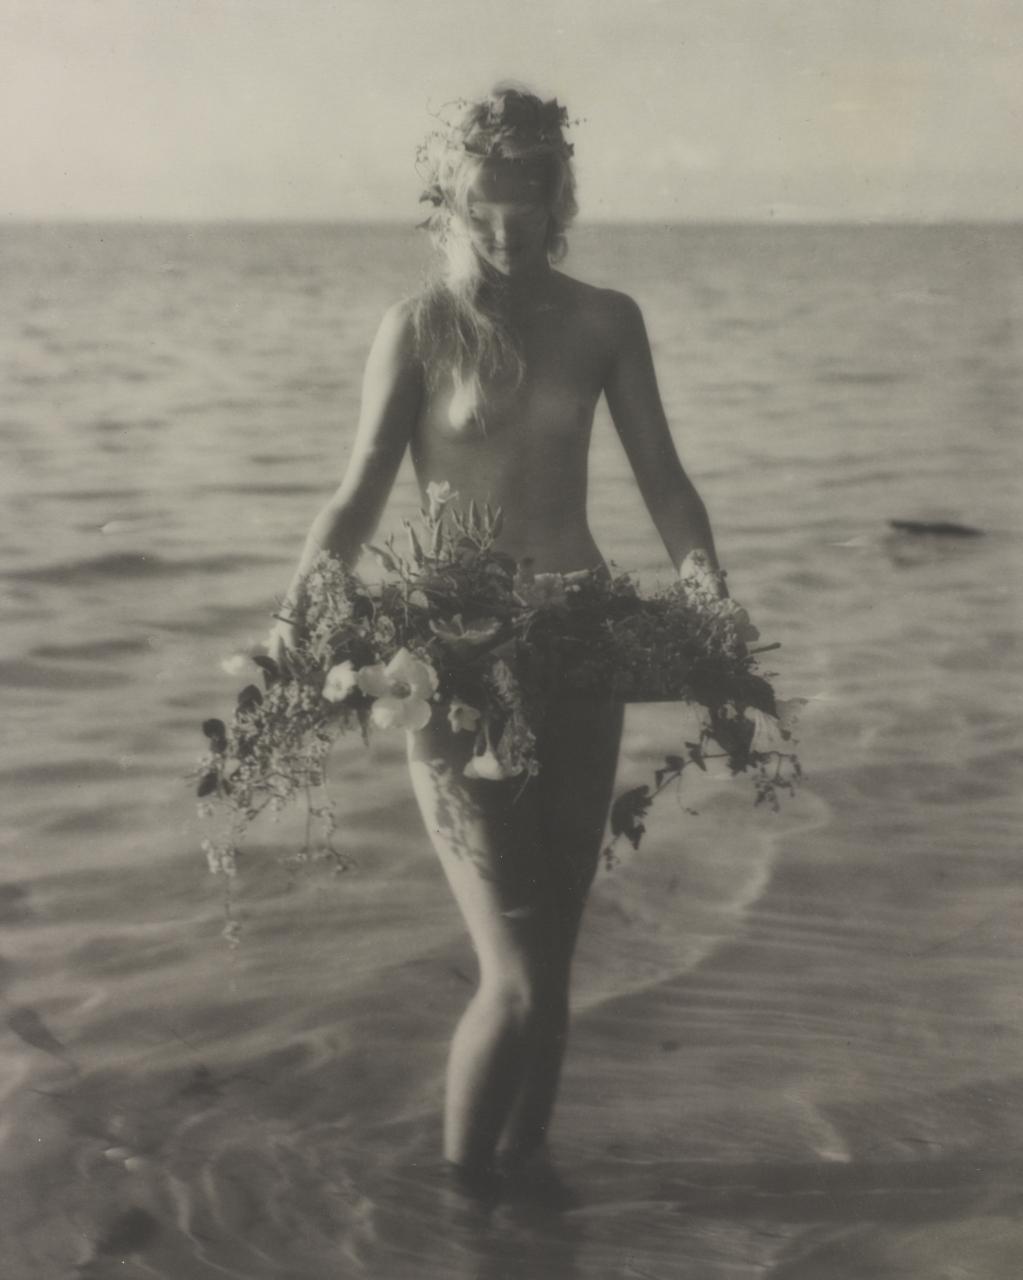 Nell Dorr. Flower Laden 1928-1929. Via cartermuseum